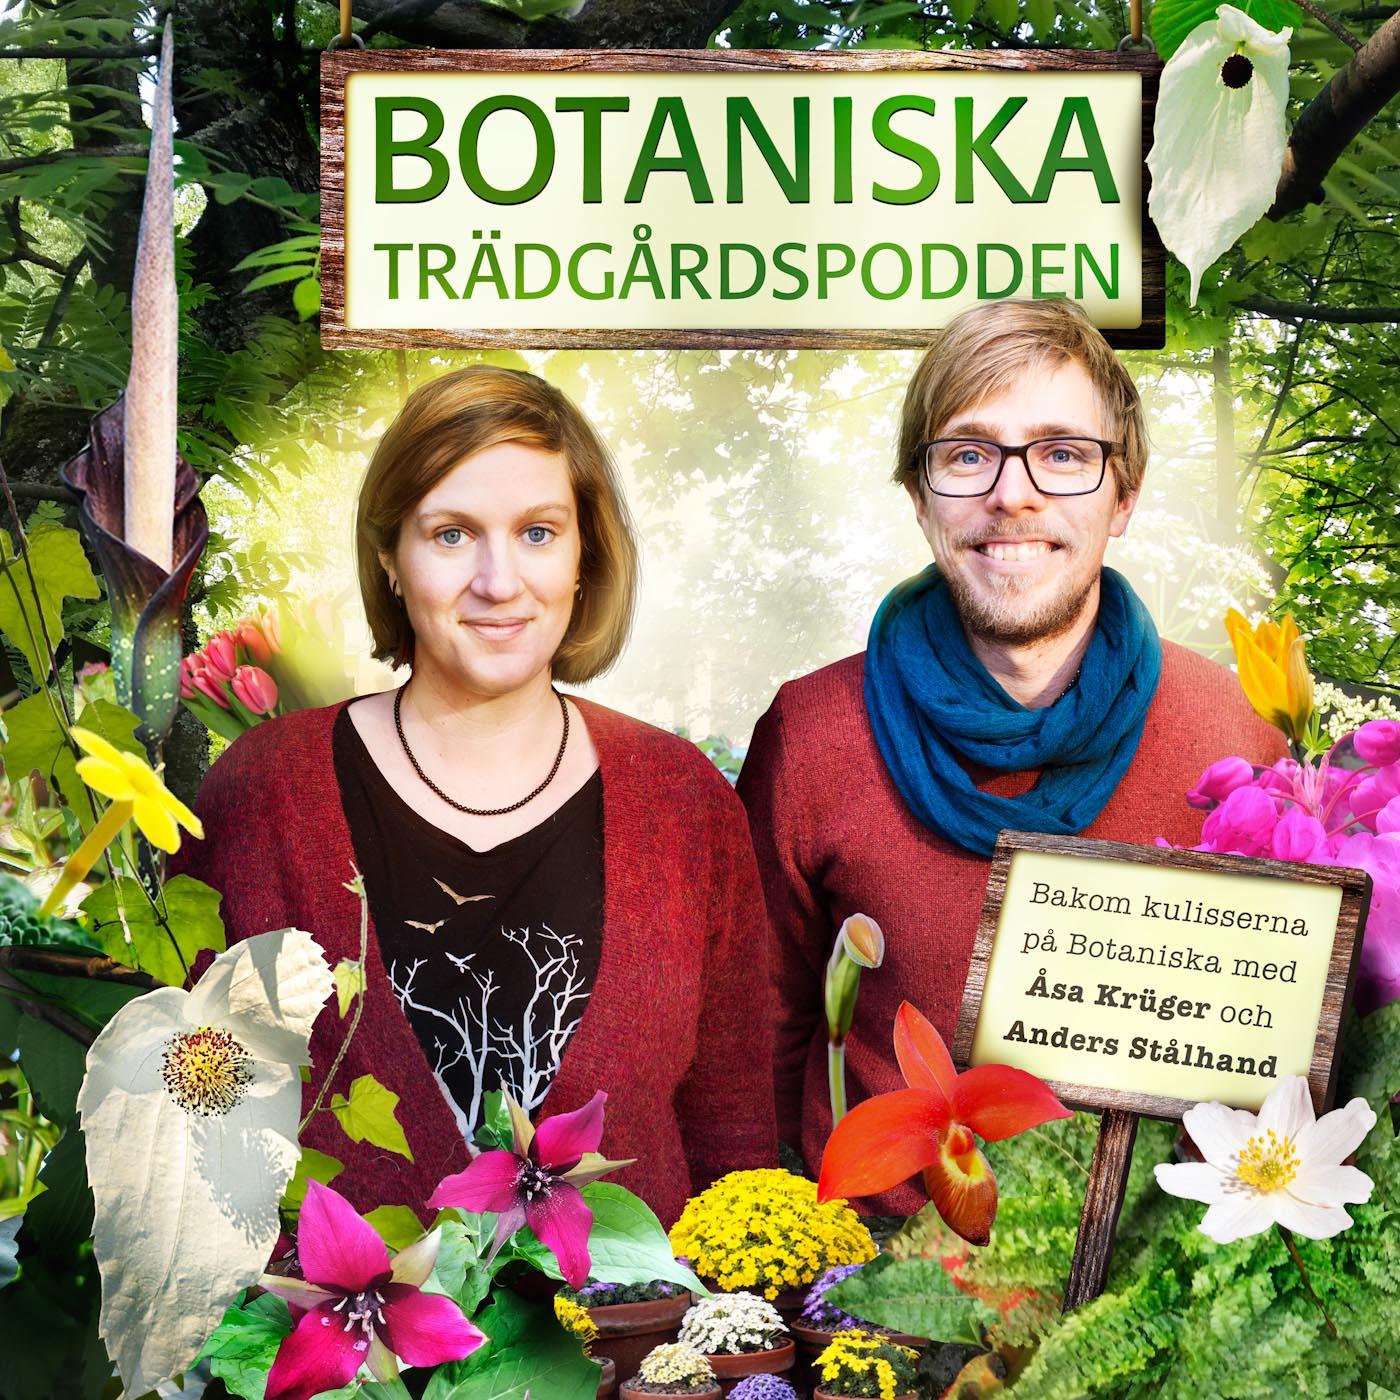 Botaniska trädgårdspodden show art